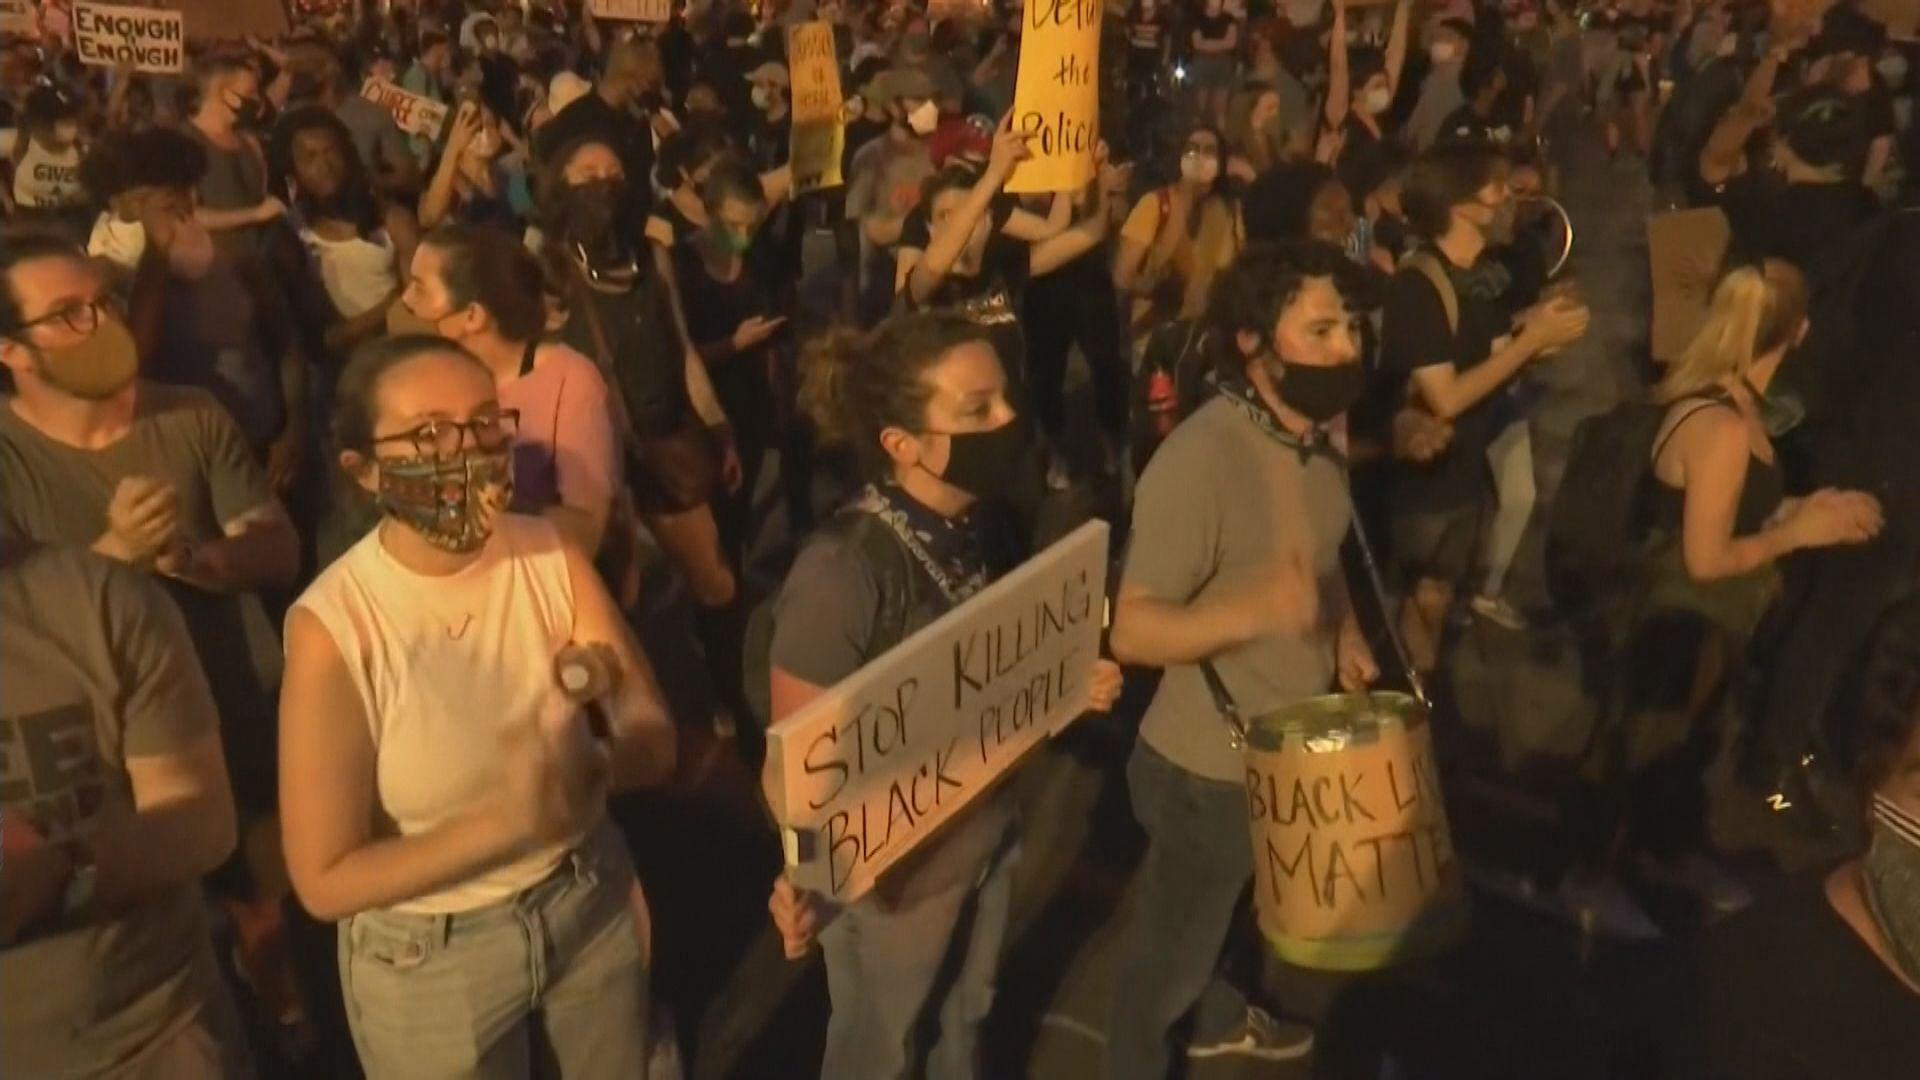 【連續第九晚】美國多處續有民眾示威抗議種族歧視